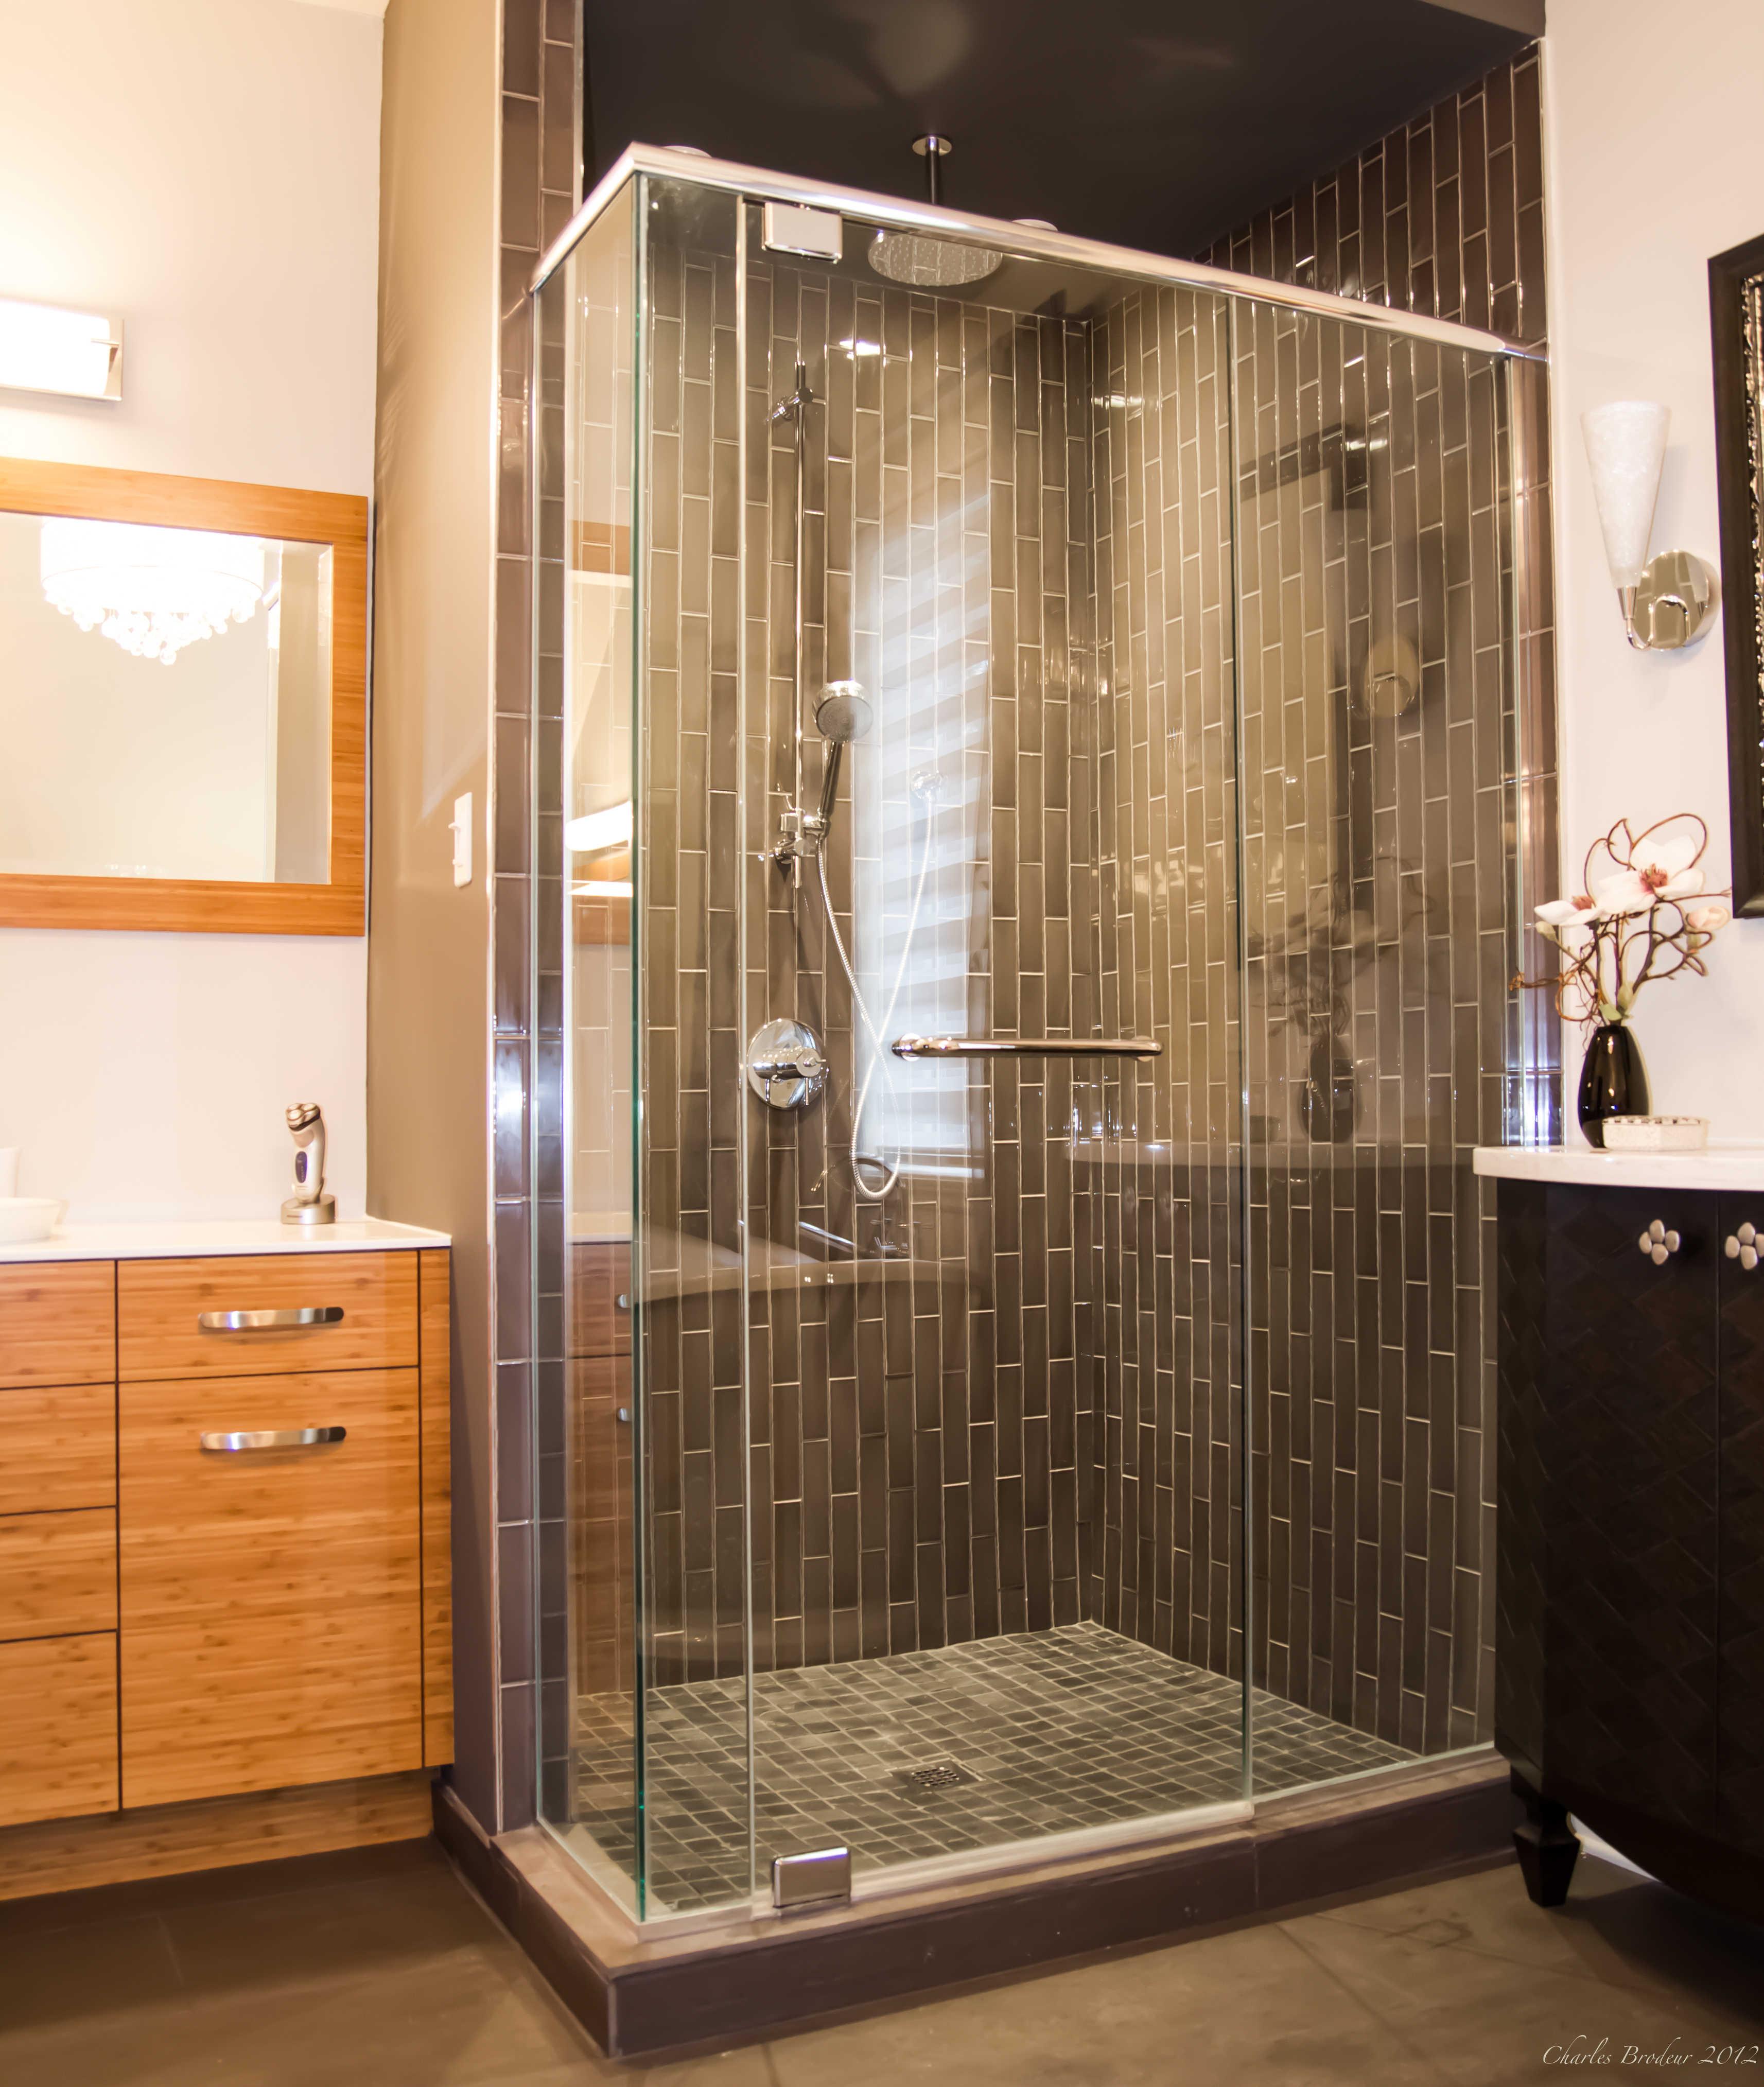 Installation de douche en céramique Boucherville - Charles Brodeur ...